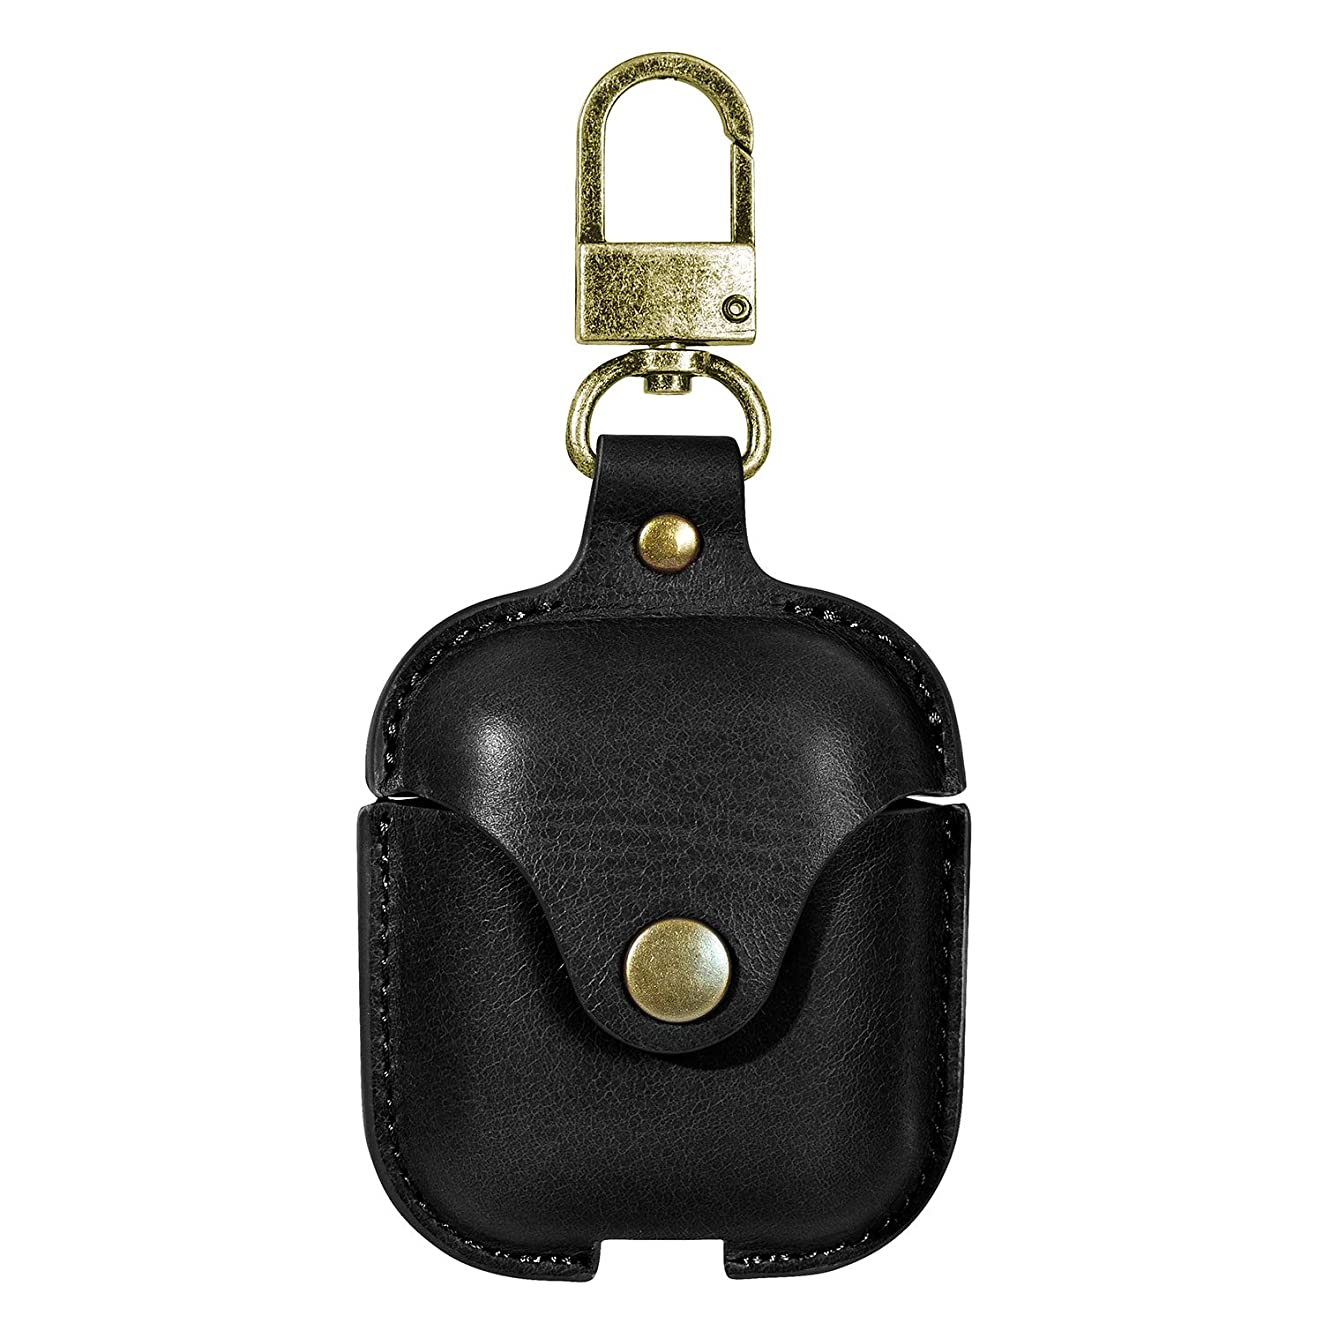 何筋肉の海外でAODUKE 天然皮AirPods保護カバー、天然牛皮AirPods小袋フック付き、耐用、振動防止、同期性、充電性が良い、 AirPodsのために特にデザインされた、保護ピーターのために (黒)